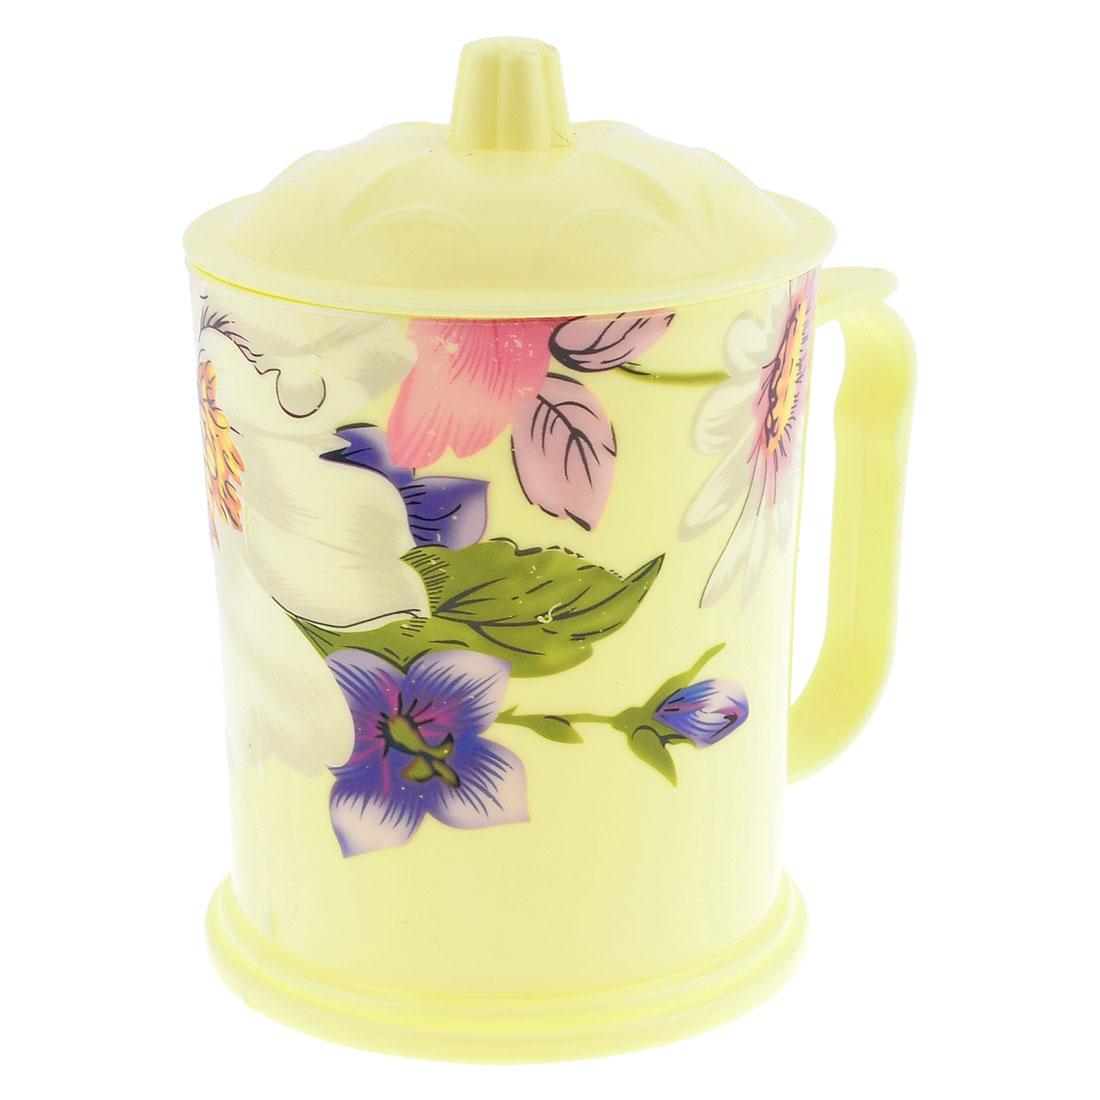 410ml Lotus Printed Plastic Handgrip Cylinder Shaped Water Cup Beige